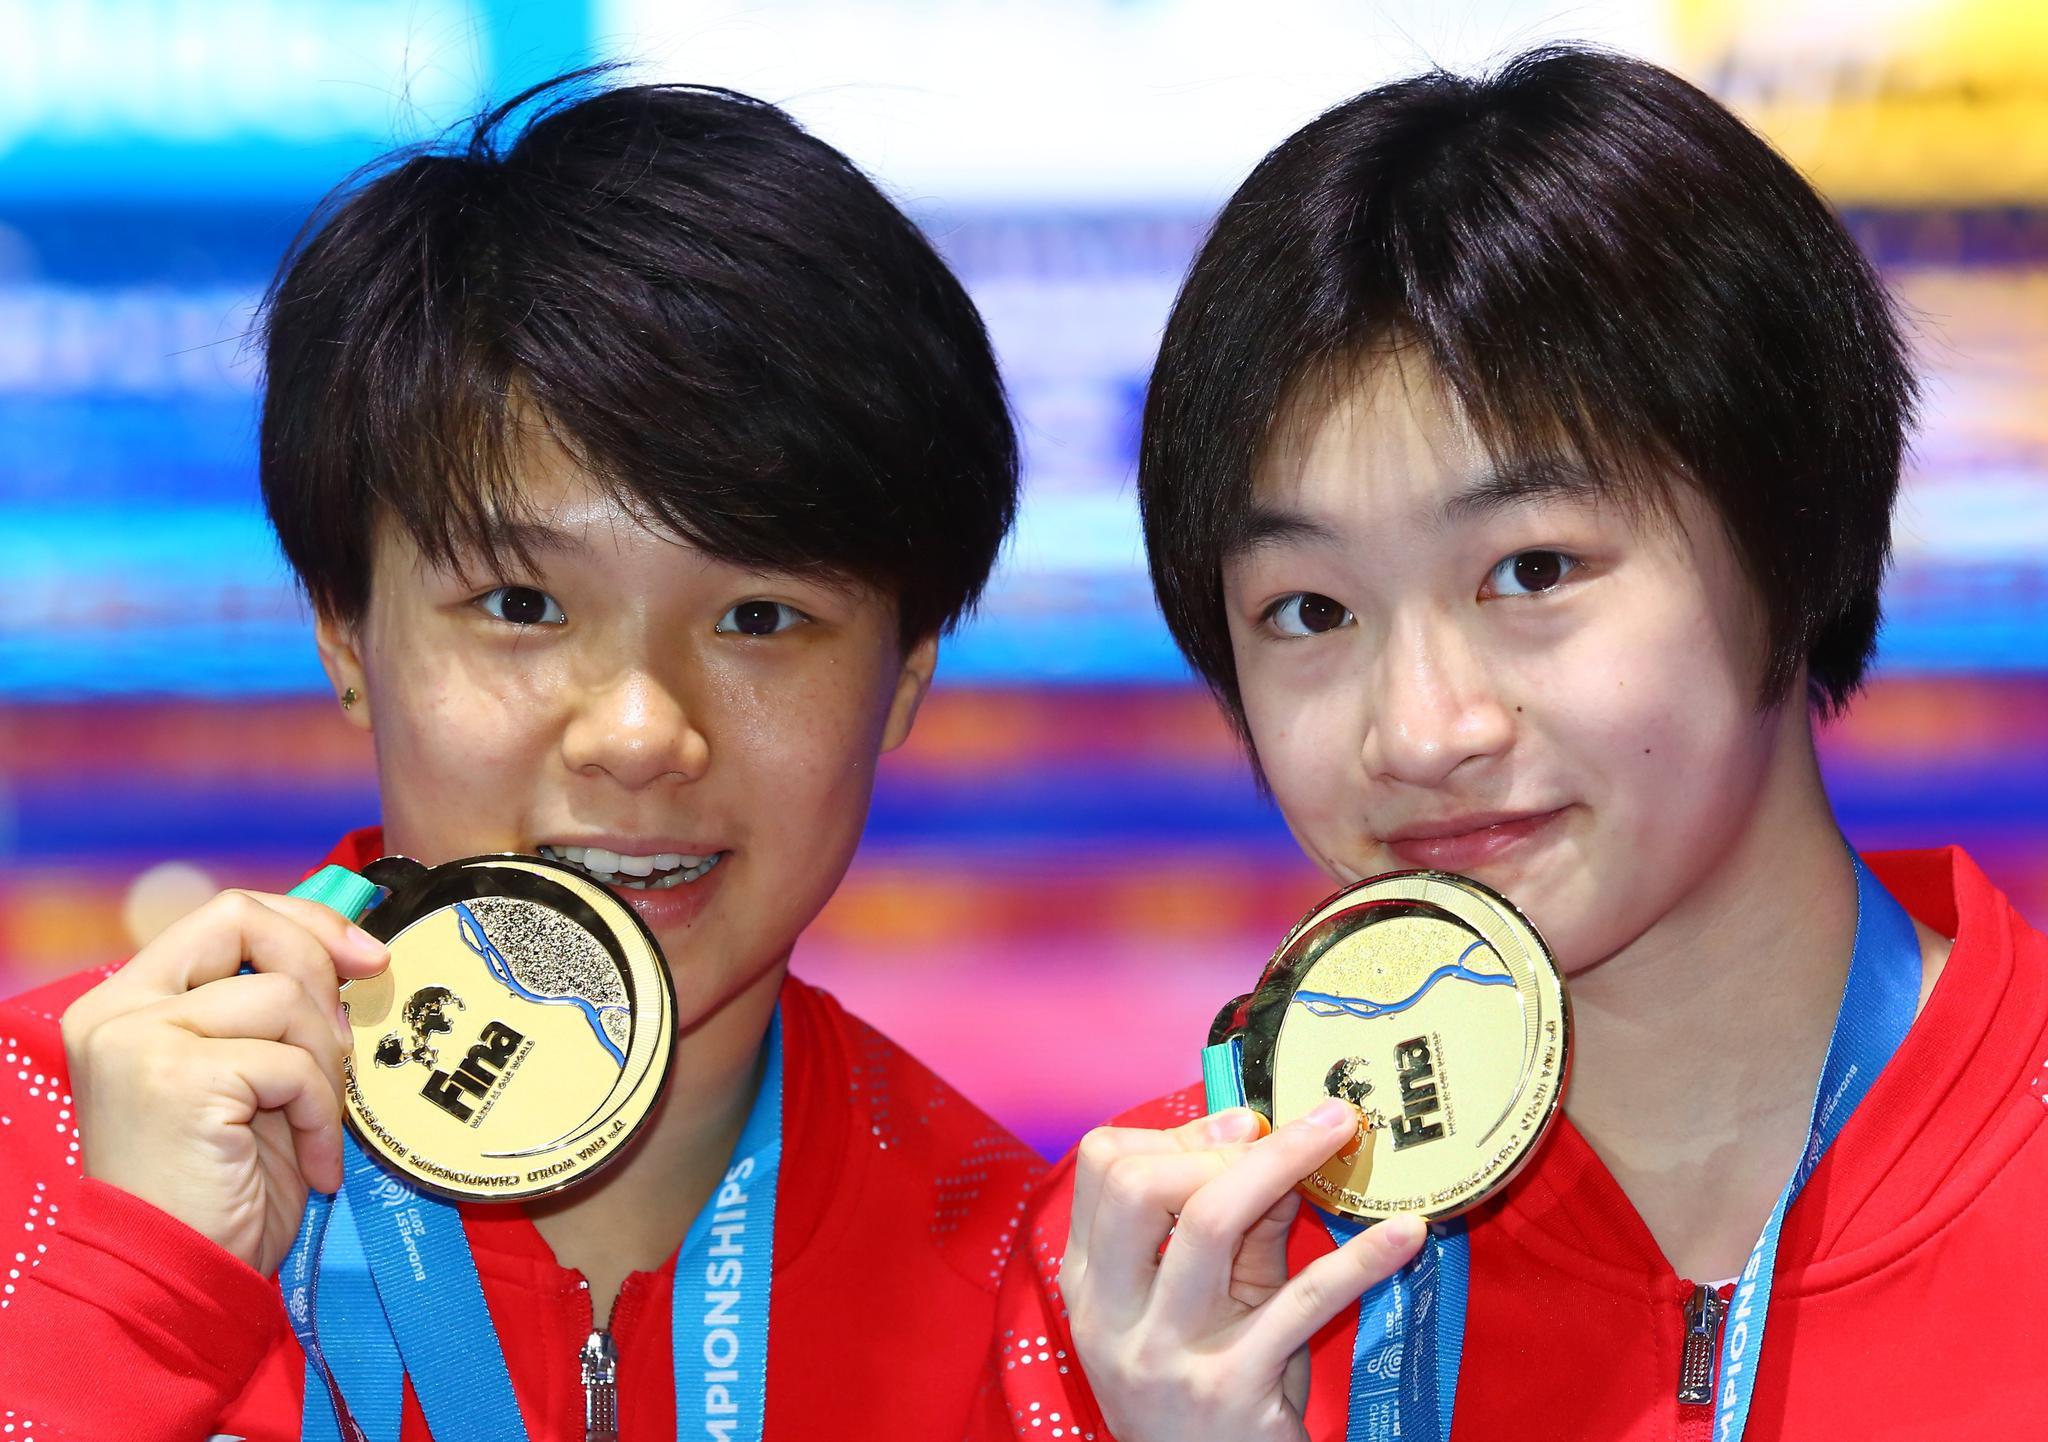 国际泳联发布跳水世界杯名单 中国队四将榜上有名